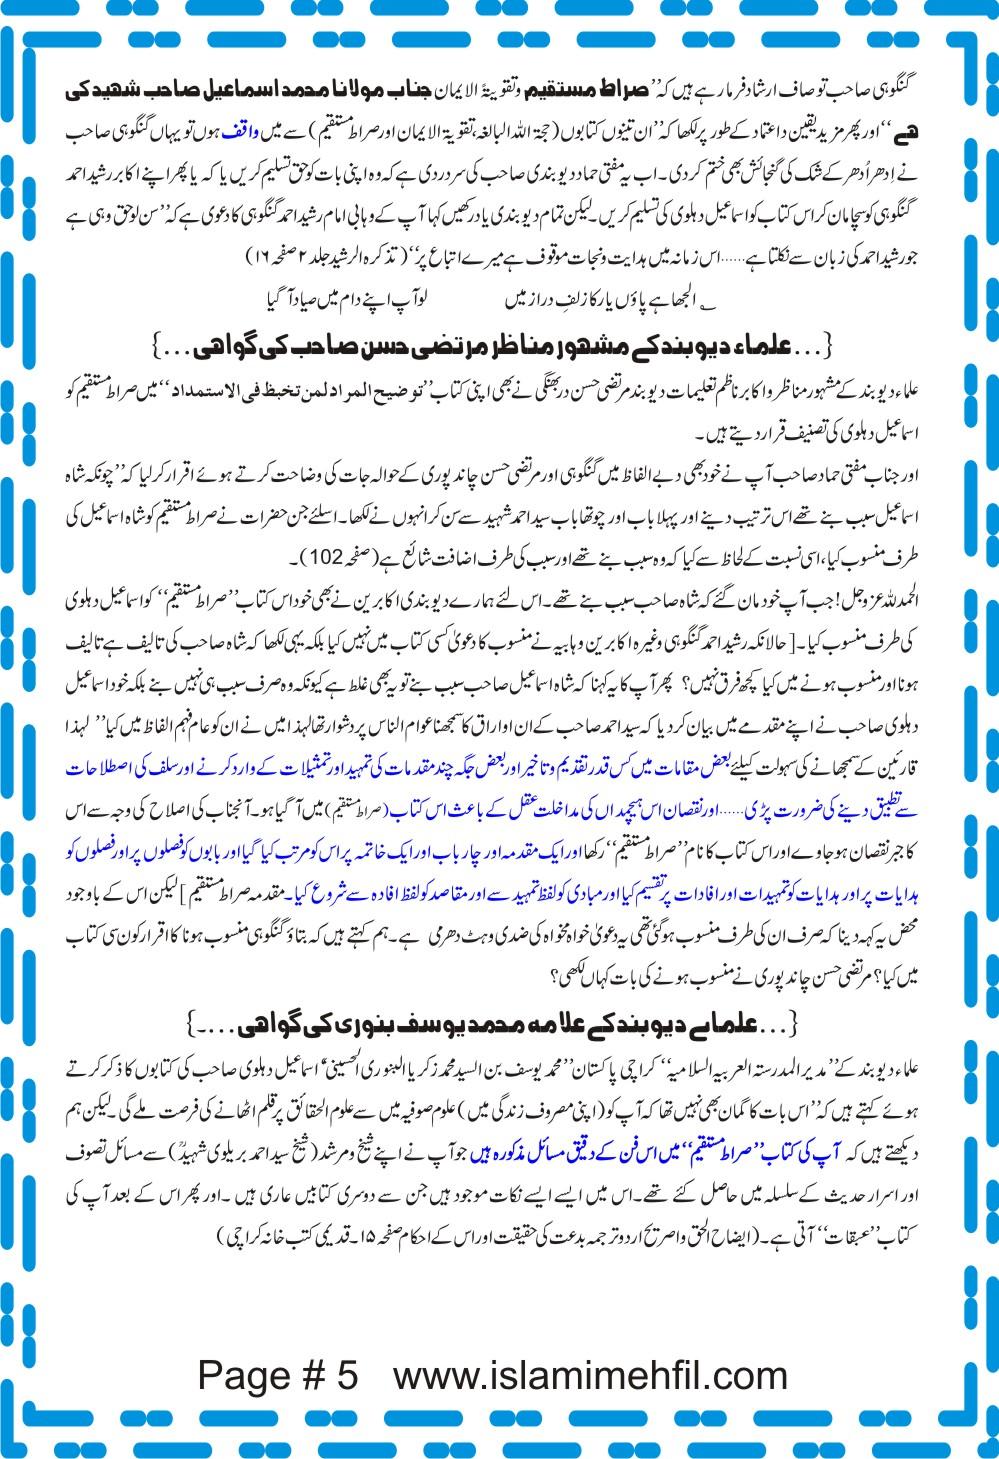 Siratul Mustaqeem (5).jpg